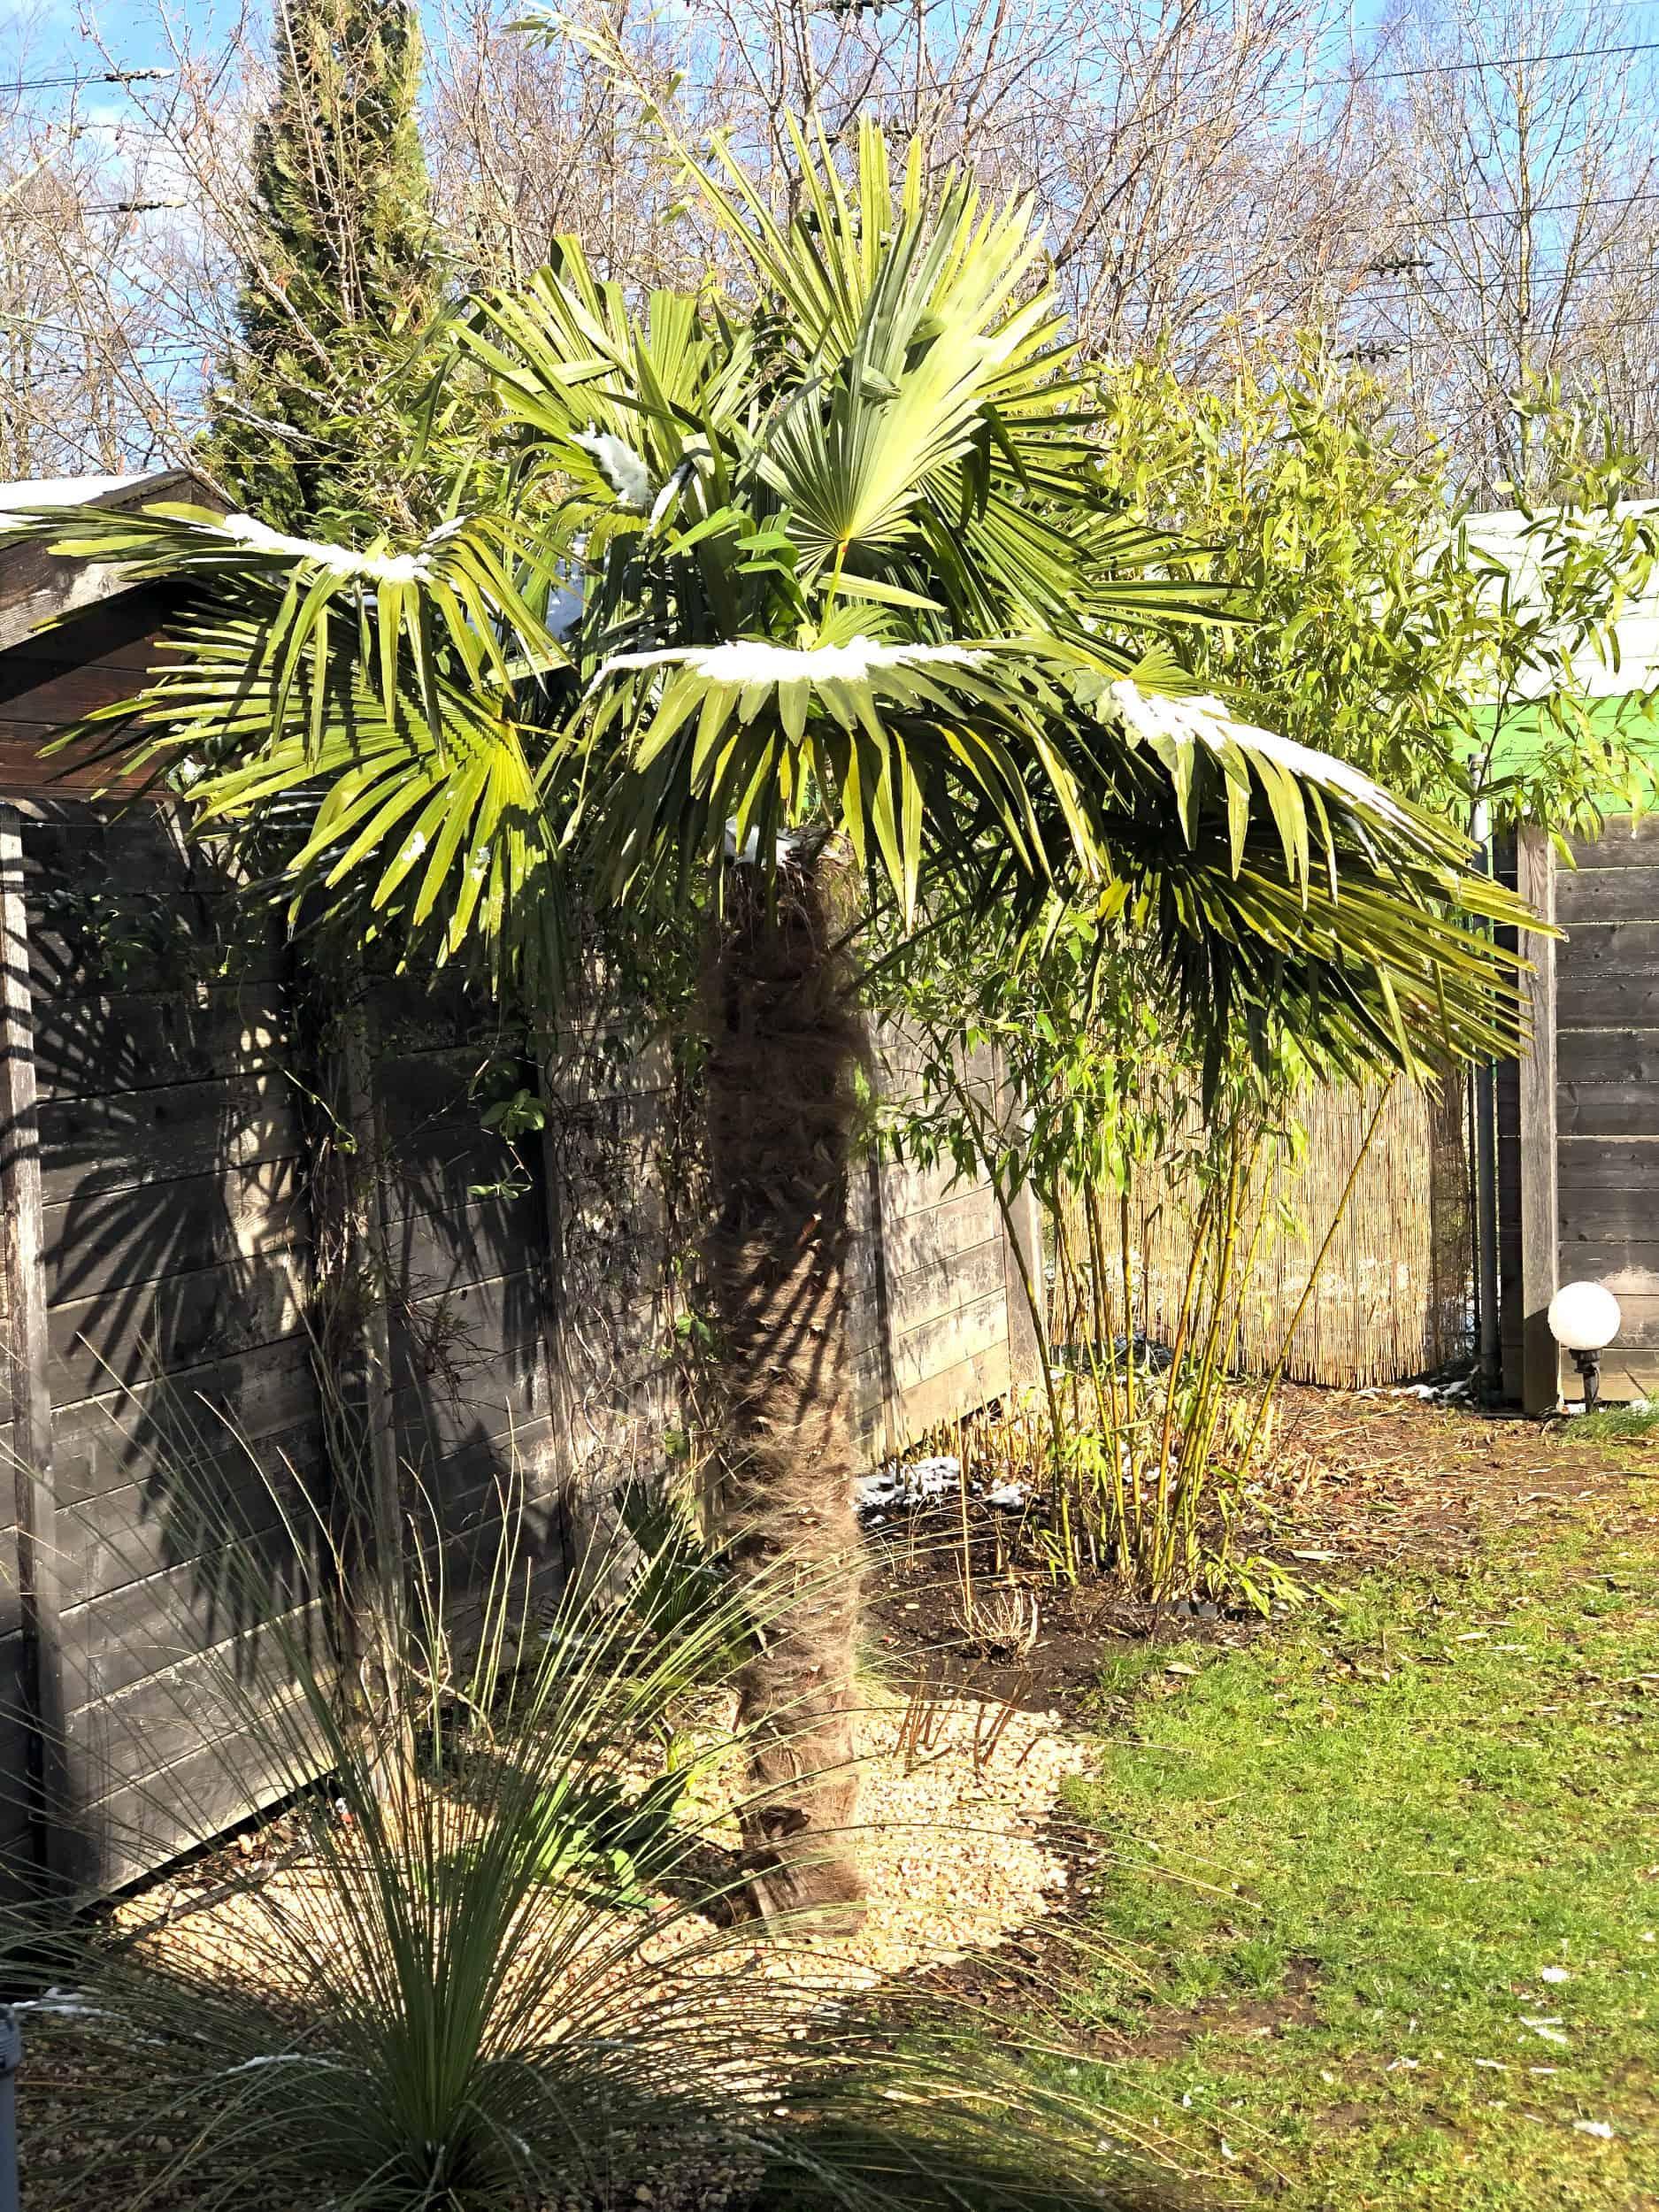 20-03-Trachycarpus Fortunei 03